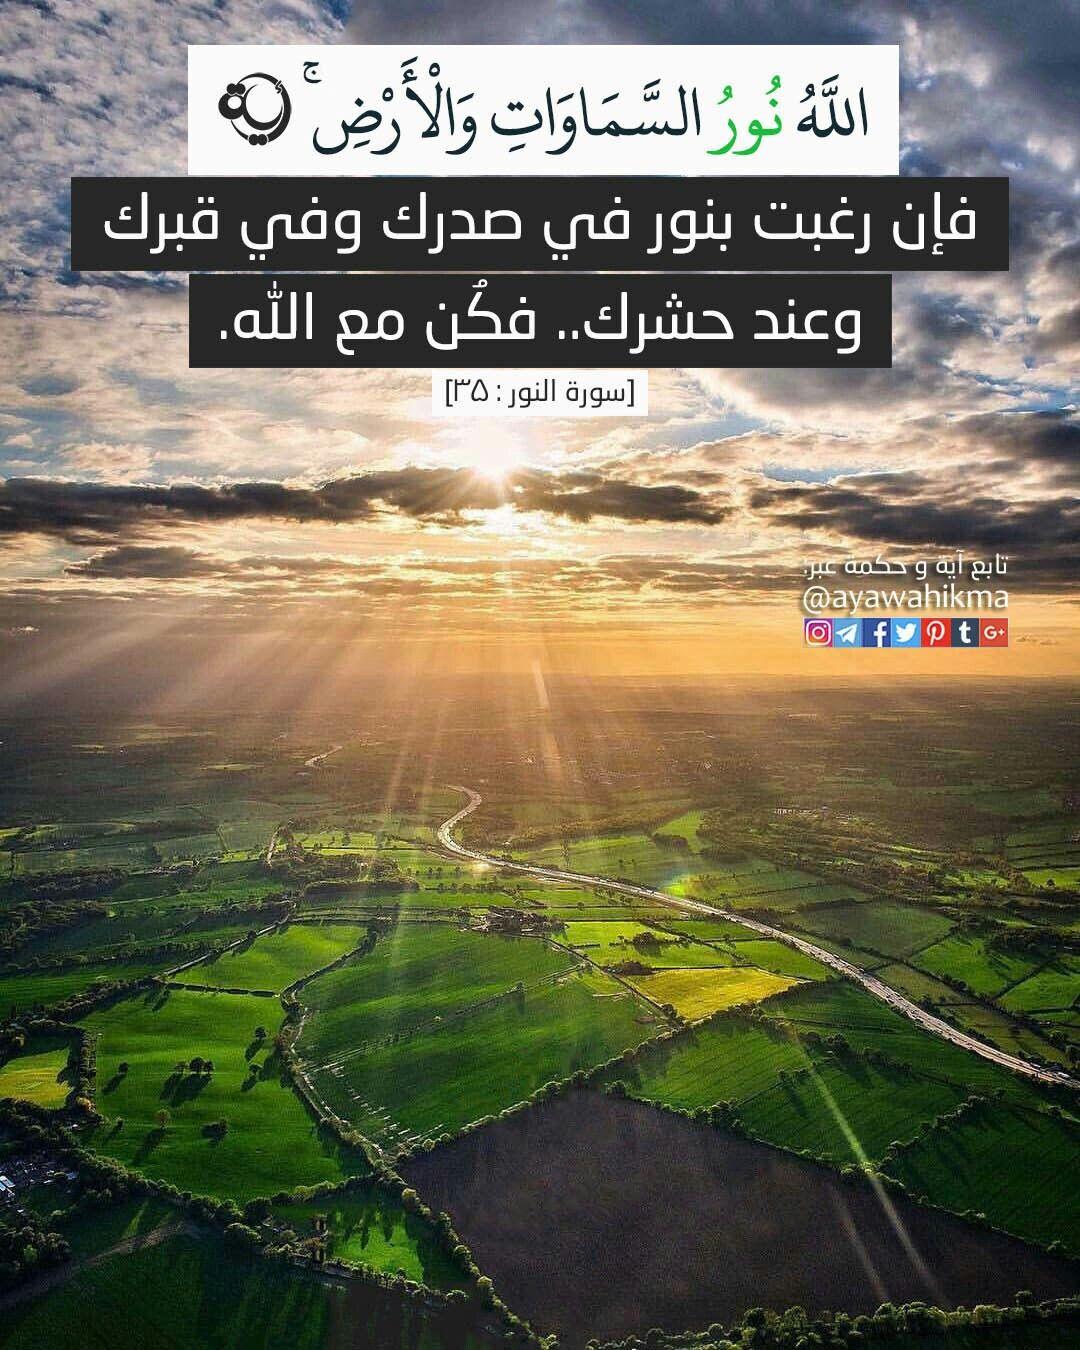 آیة و حكمة الل ه ن ور الس م او ات و ال أ ر ض سورة